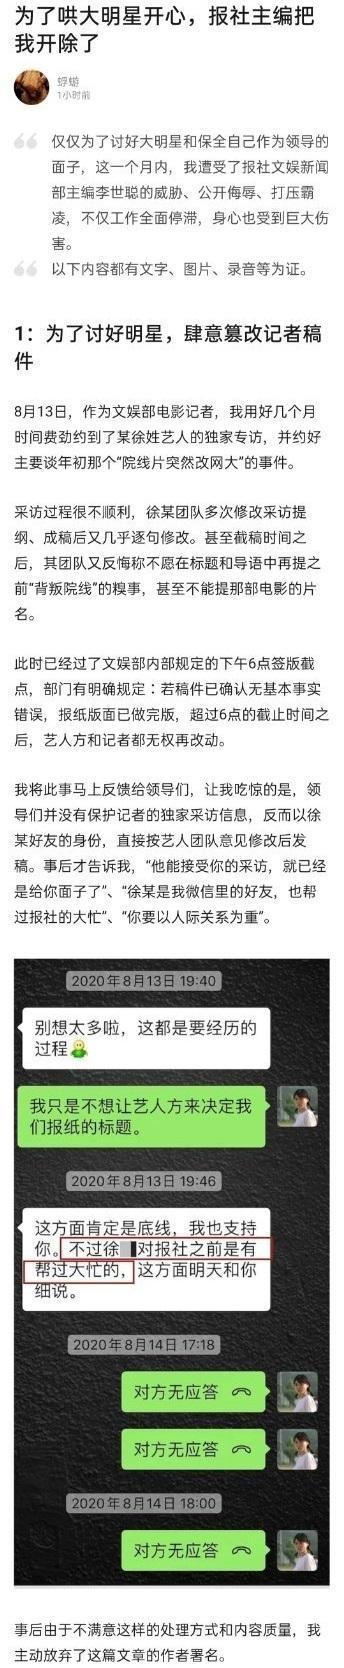 《新京报》记者报道《囧妈》背叛院线,疑似被徐峥的好友主编开除